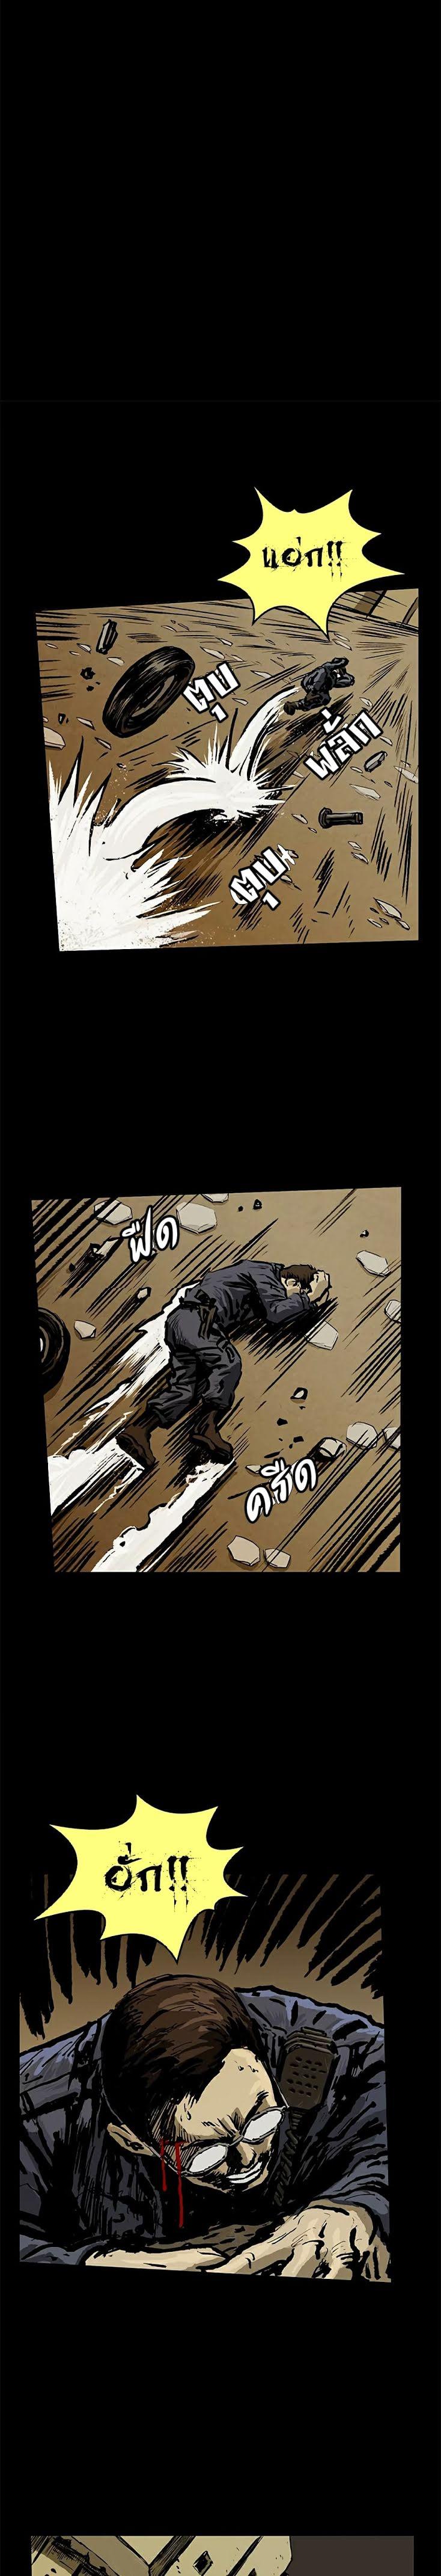 City of Zak - หน้า 6